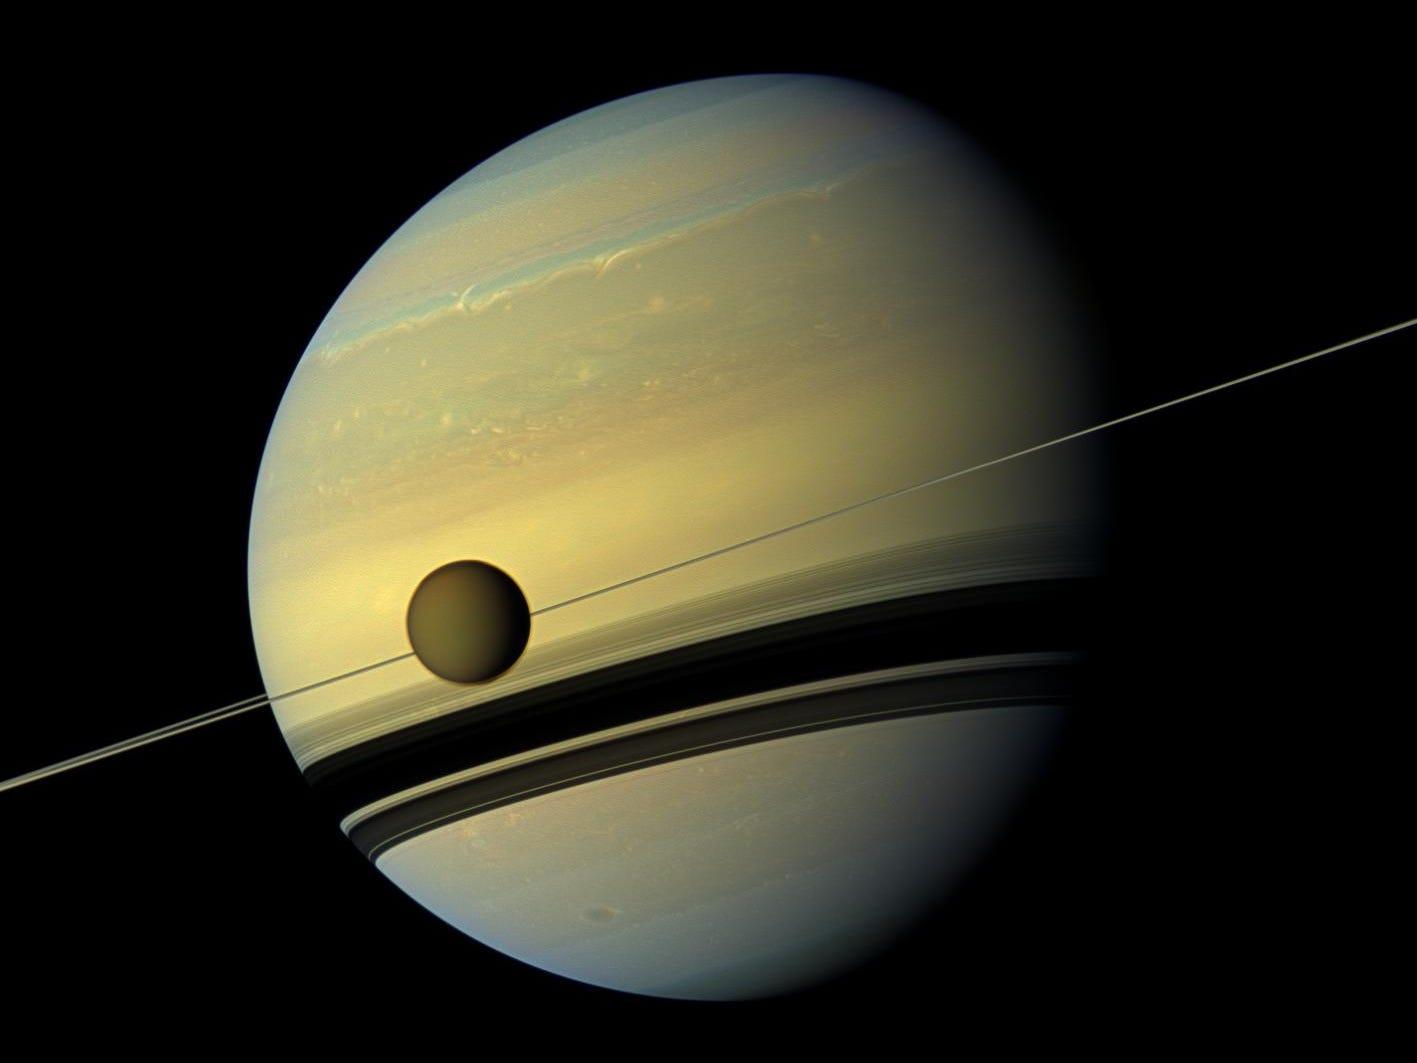 Астрономы обнаружили у Сатурна 20 новых спутников